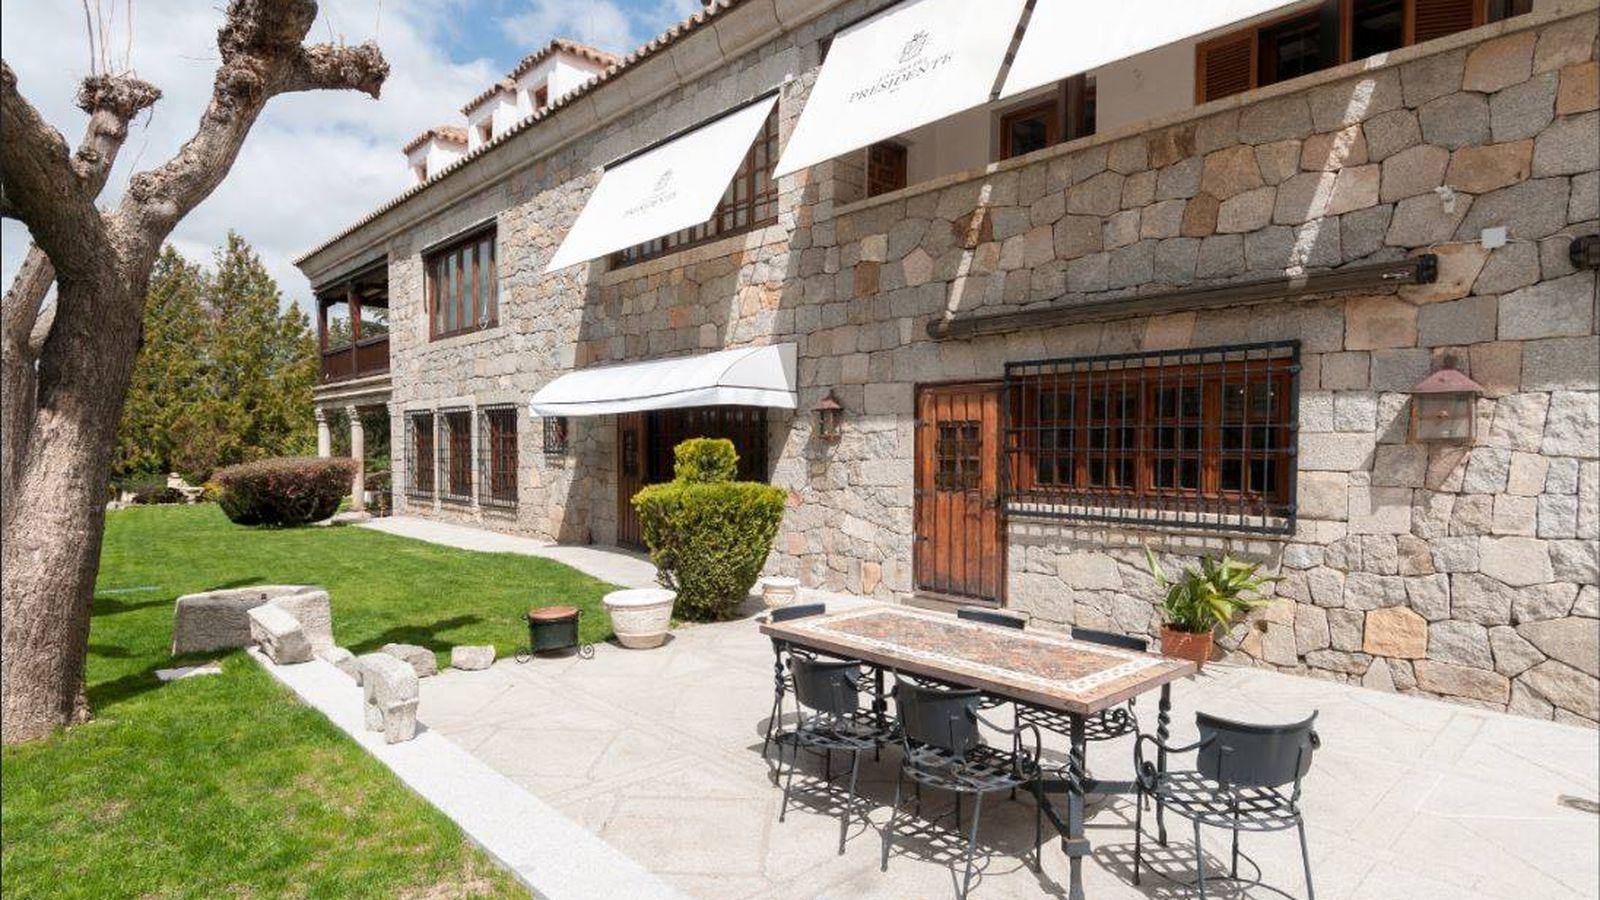 Foto: La Casa del Presidente, el nuevo hotel boutique de Ávila creado en la antigua casa de Adolfo Suárez.